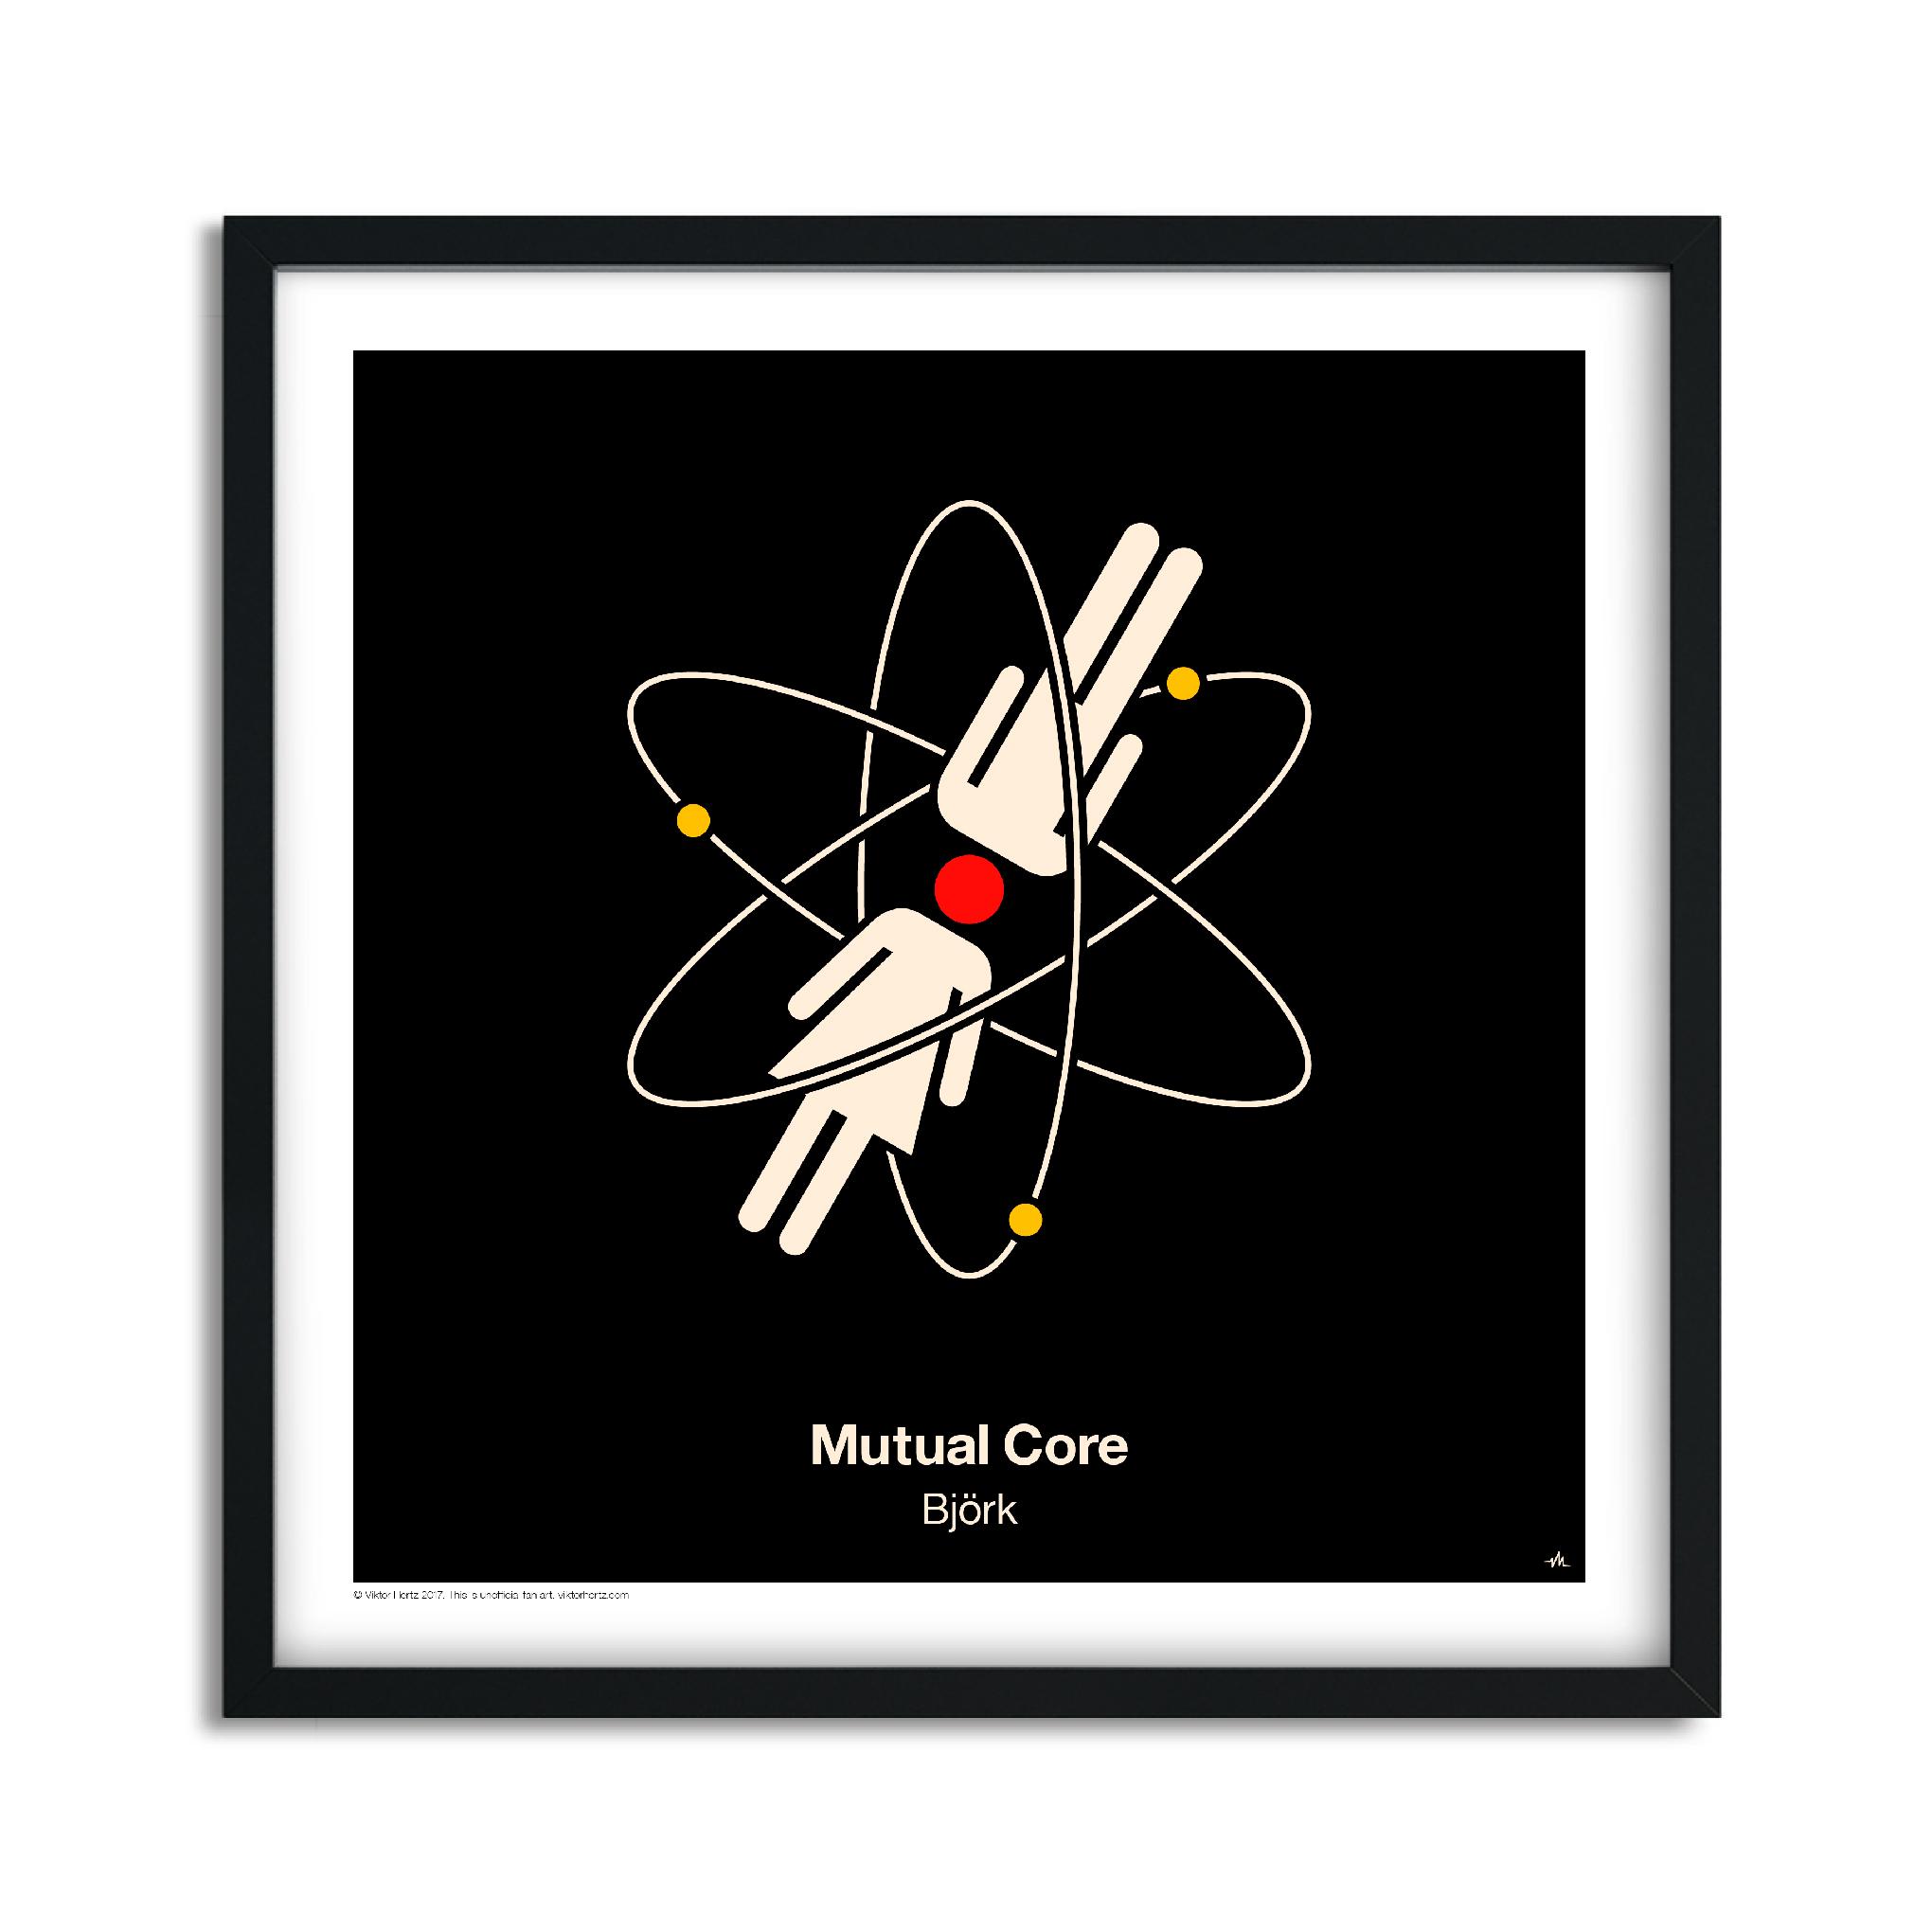 picotgram-vinyl-posters-04.jpg